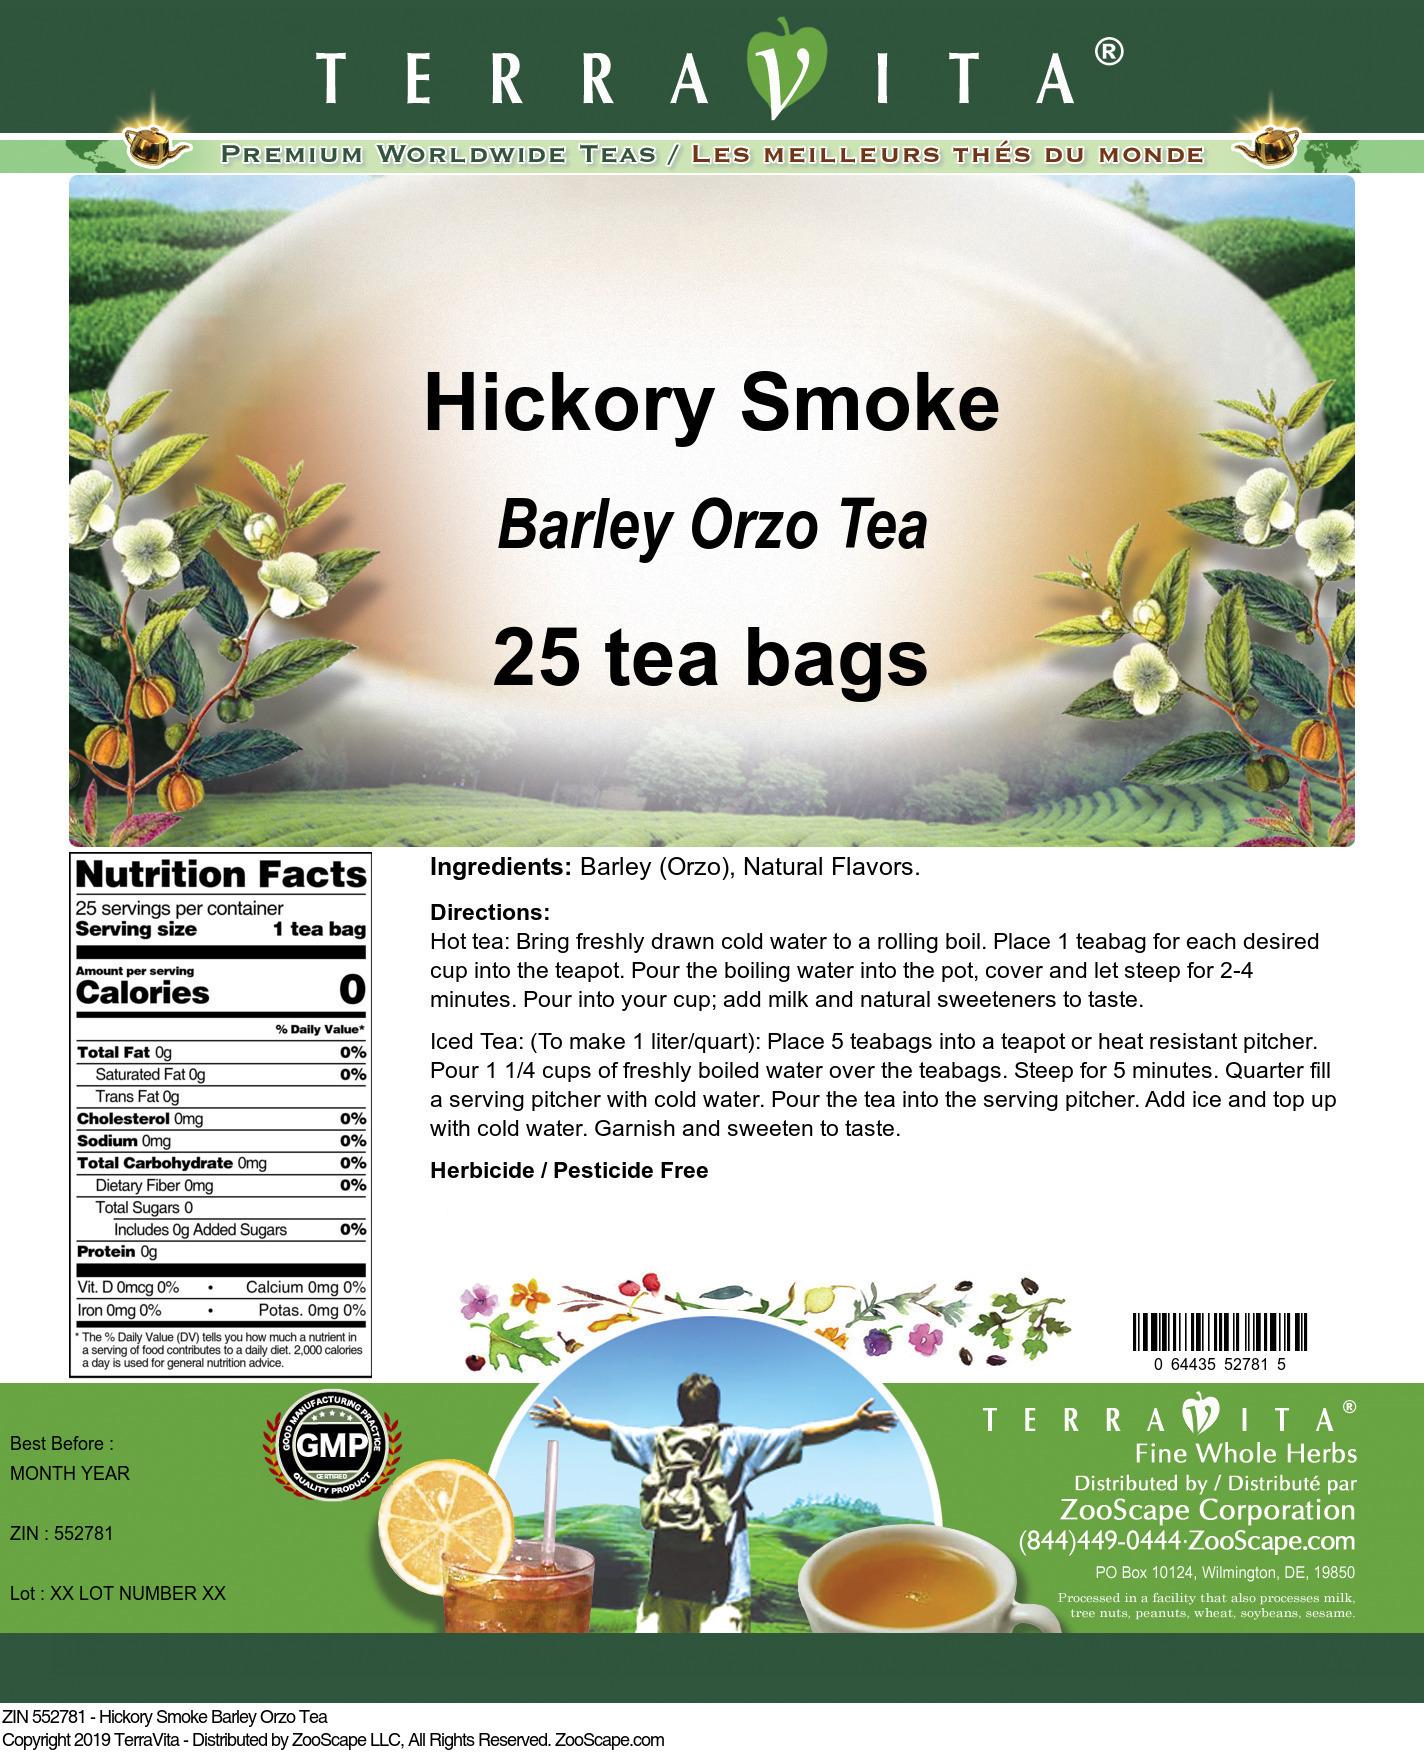 Hickory Smoke Barley Orzo Tea